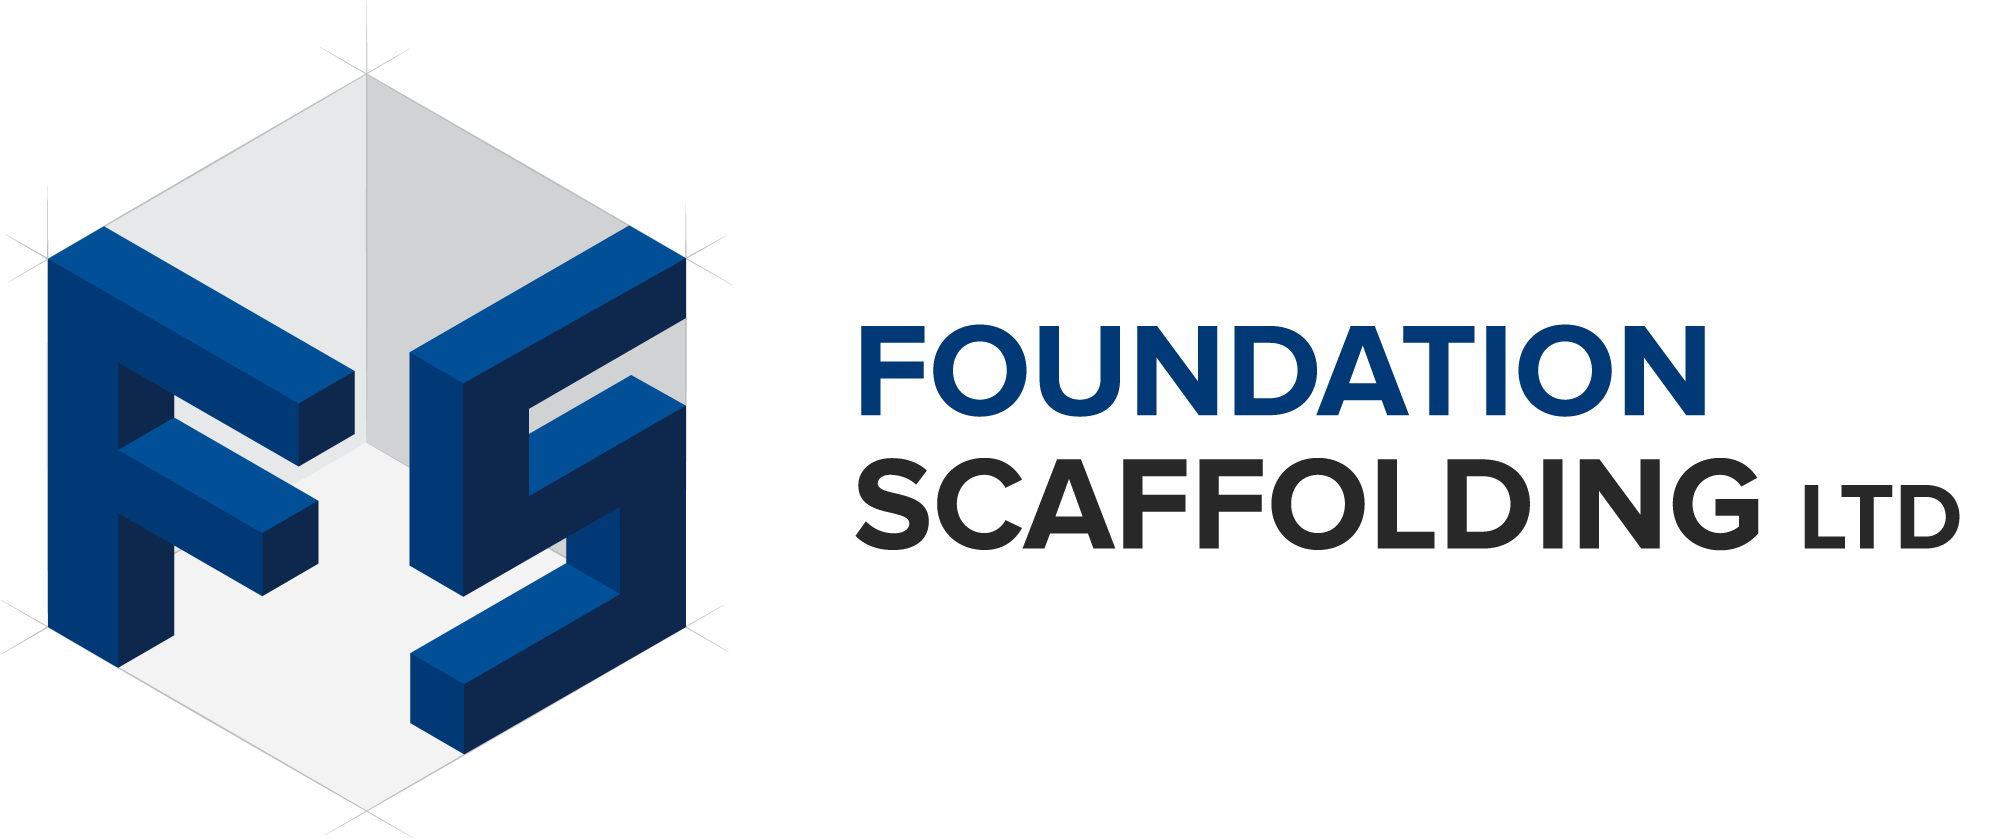 Foundation Scaffolding